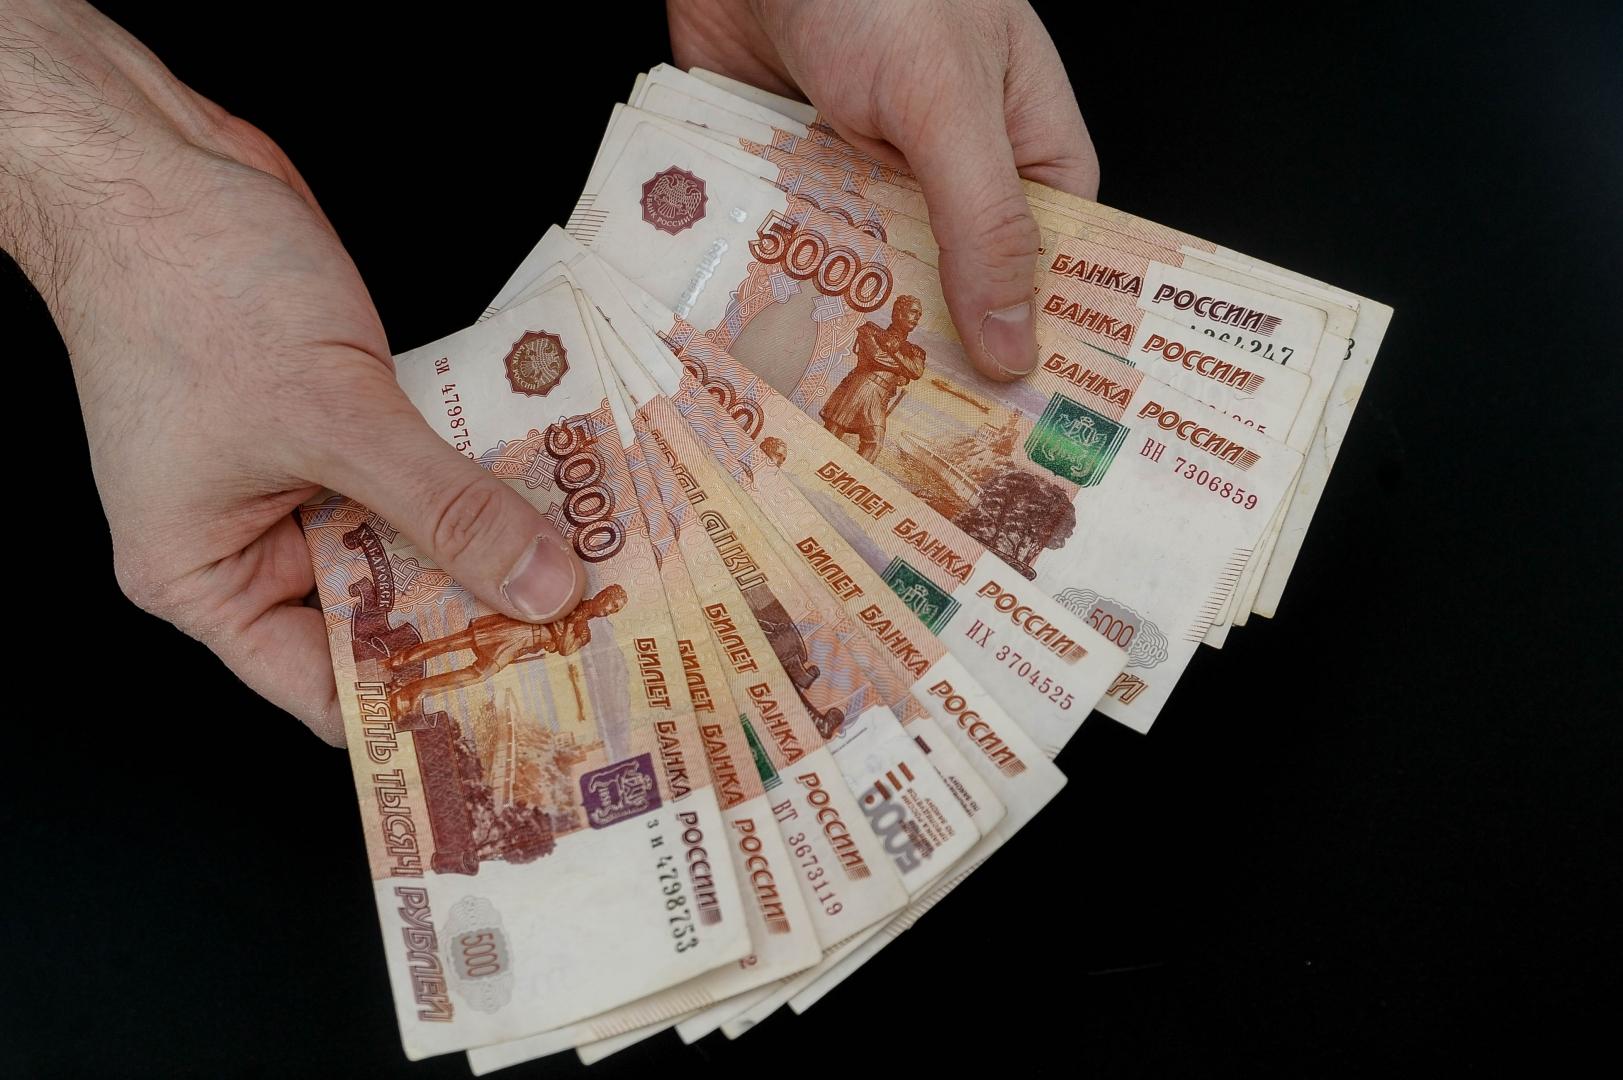 ФНС России объявила тендер на 3 млрд рублей